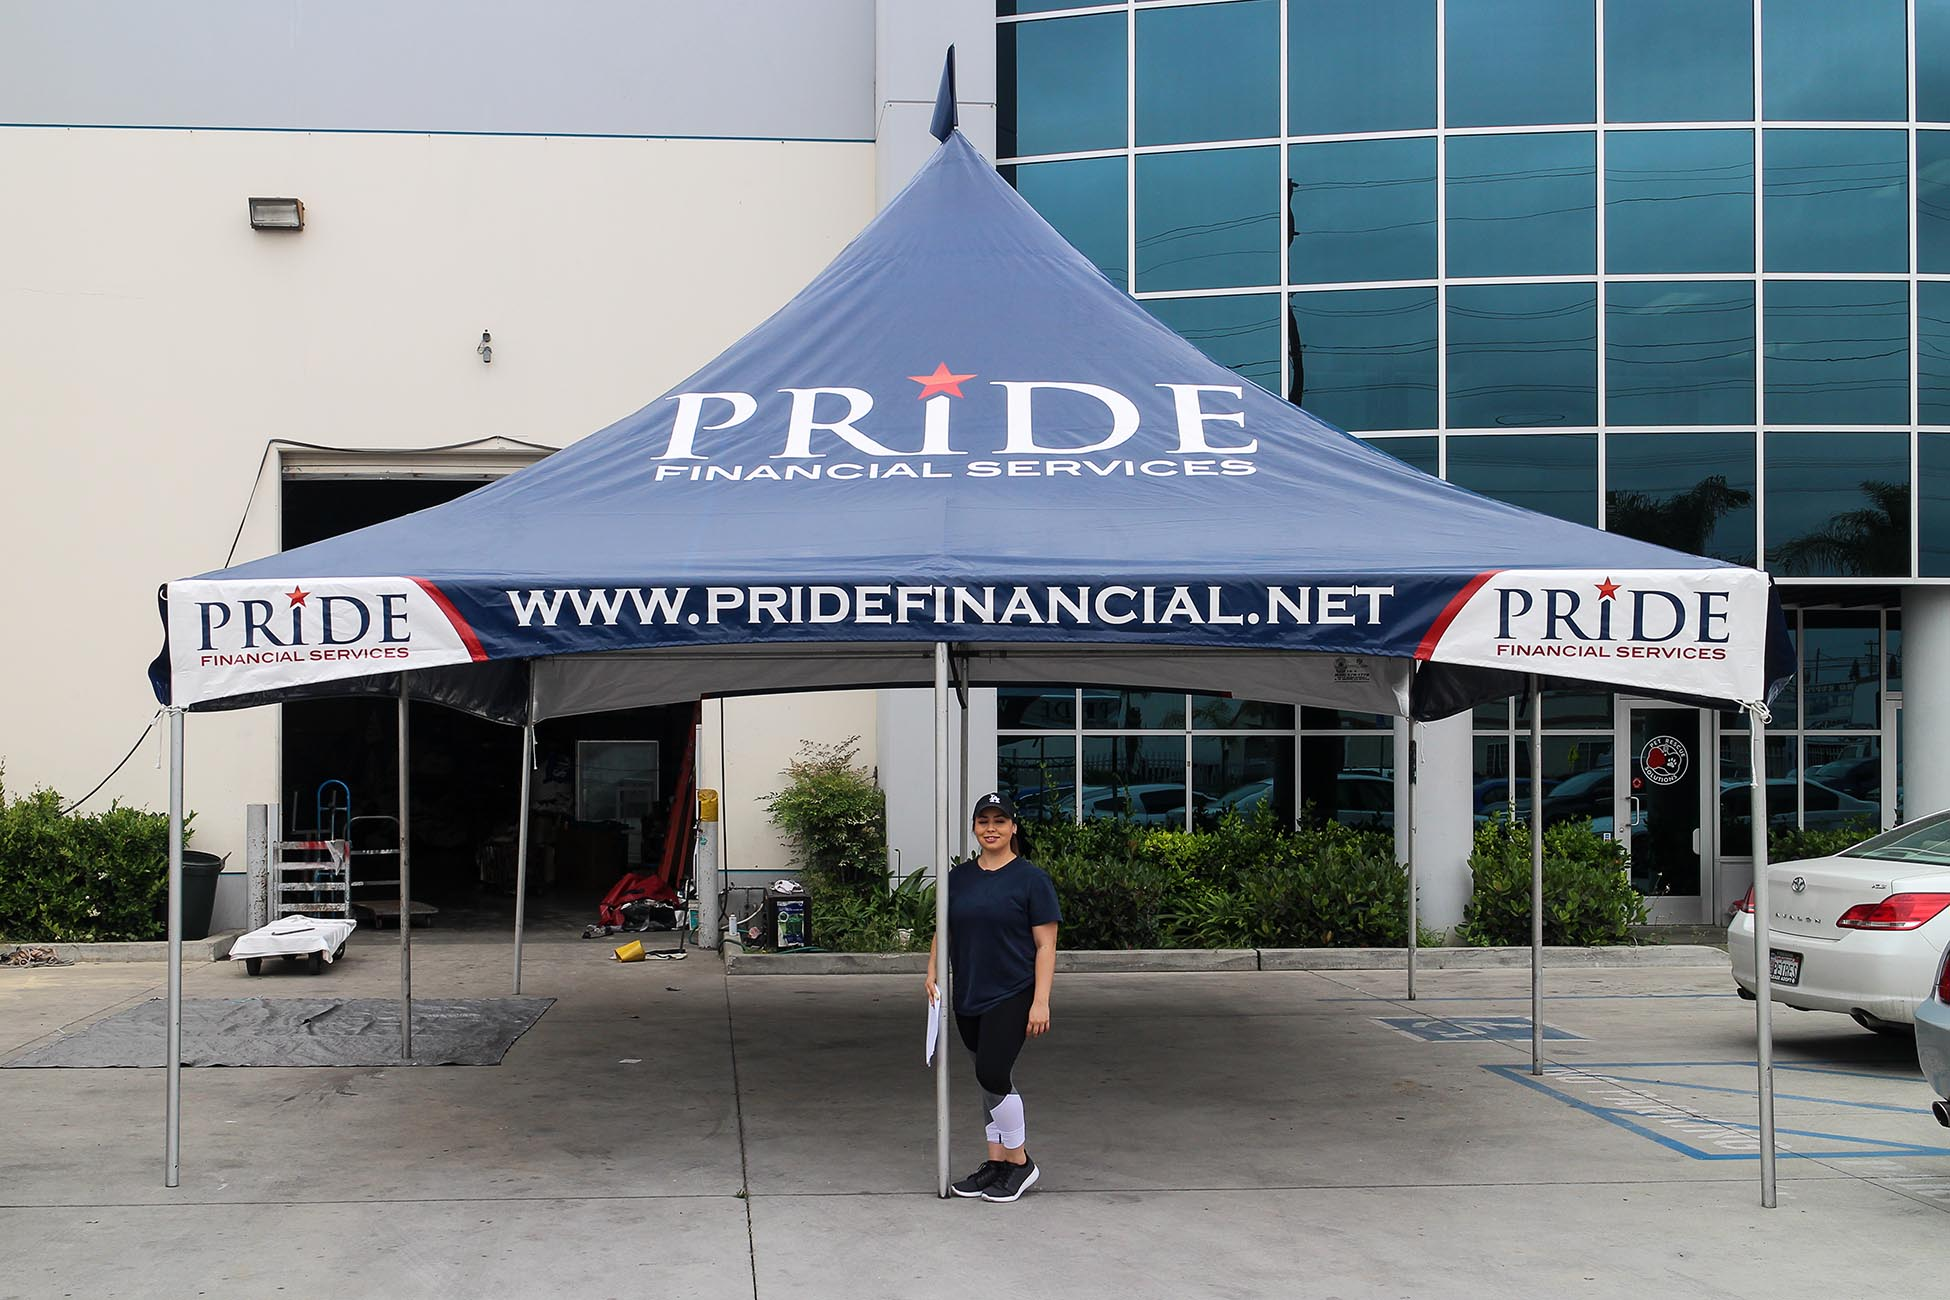 pride-financial-services-20x20